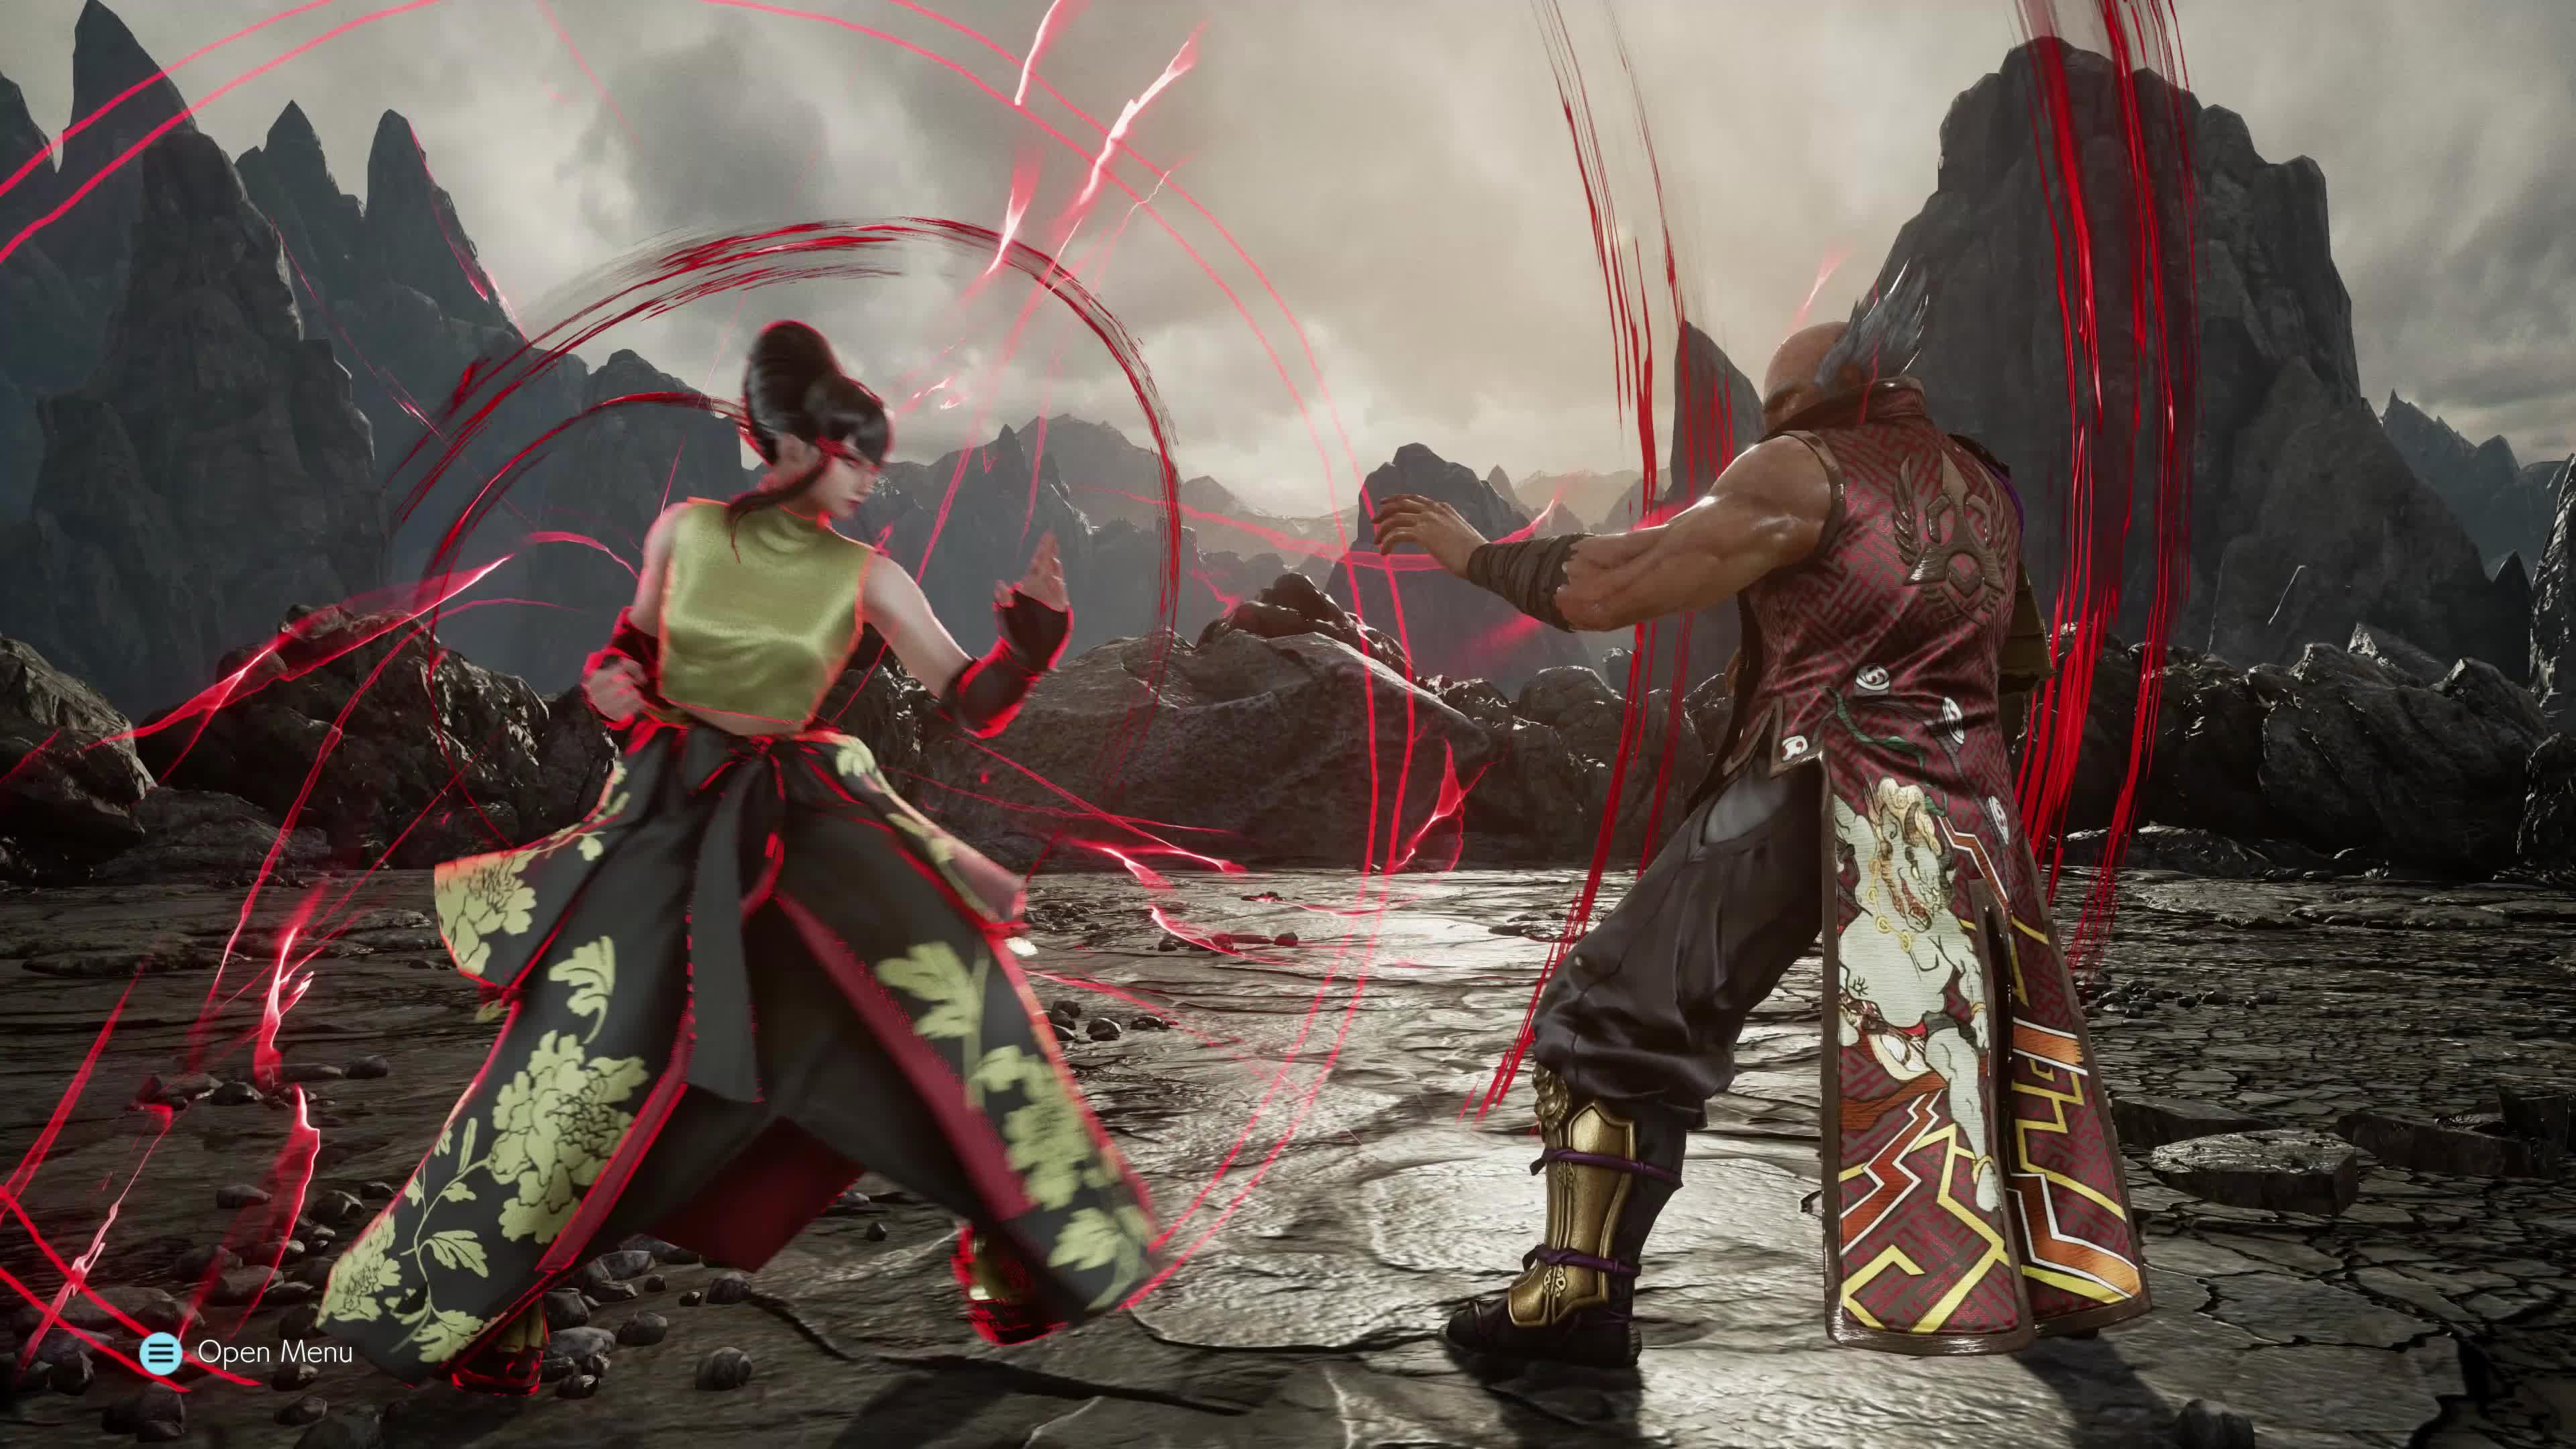 4kultrahd, 60fpsgfy, gaming_gifs, Tekken 7 - Mishima Payback GIFs